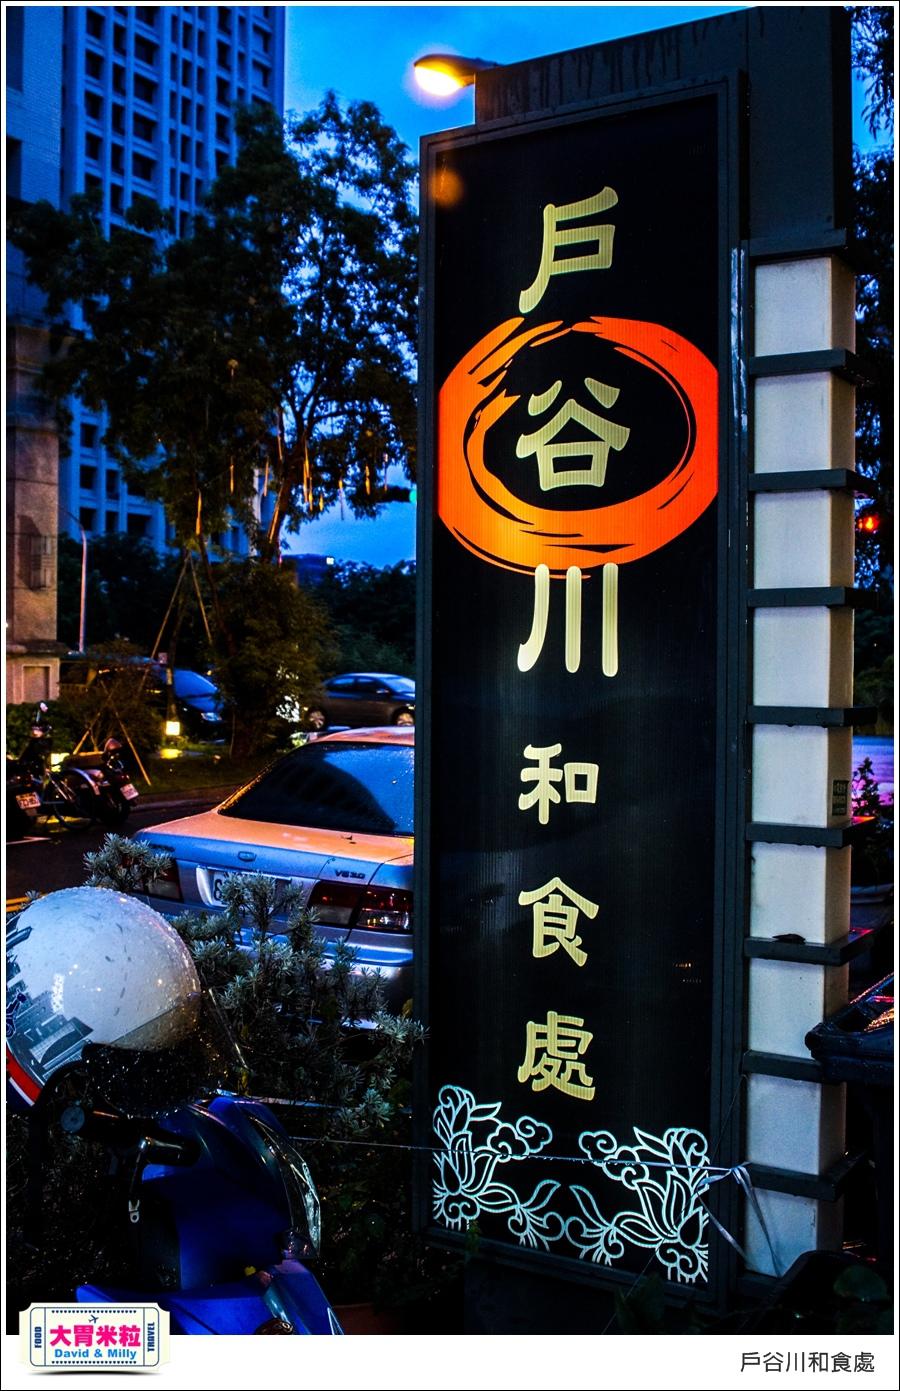 高雄美術館日式料理推薦@戶谷川和食處迷你丼飯@大胃米粒003.jpg